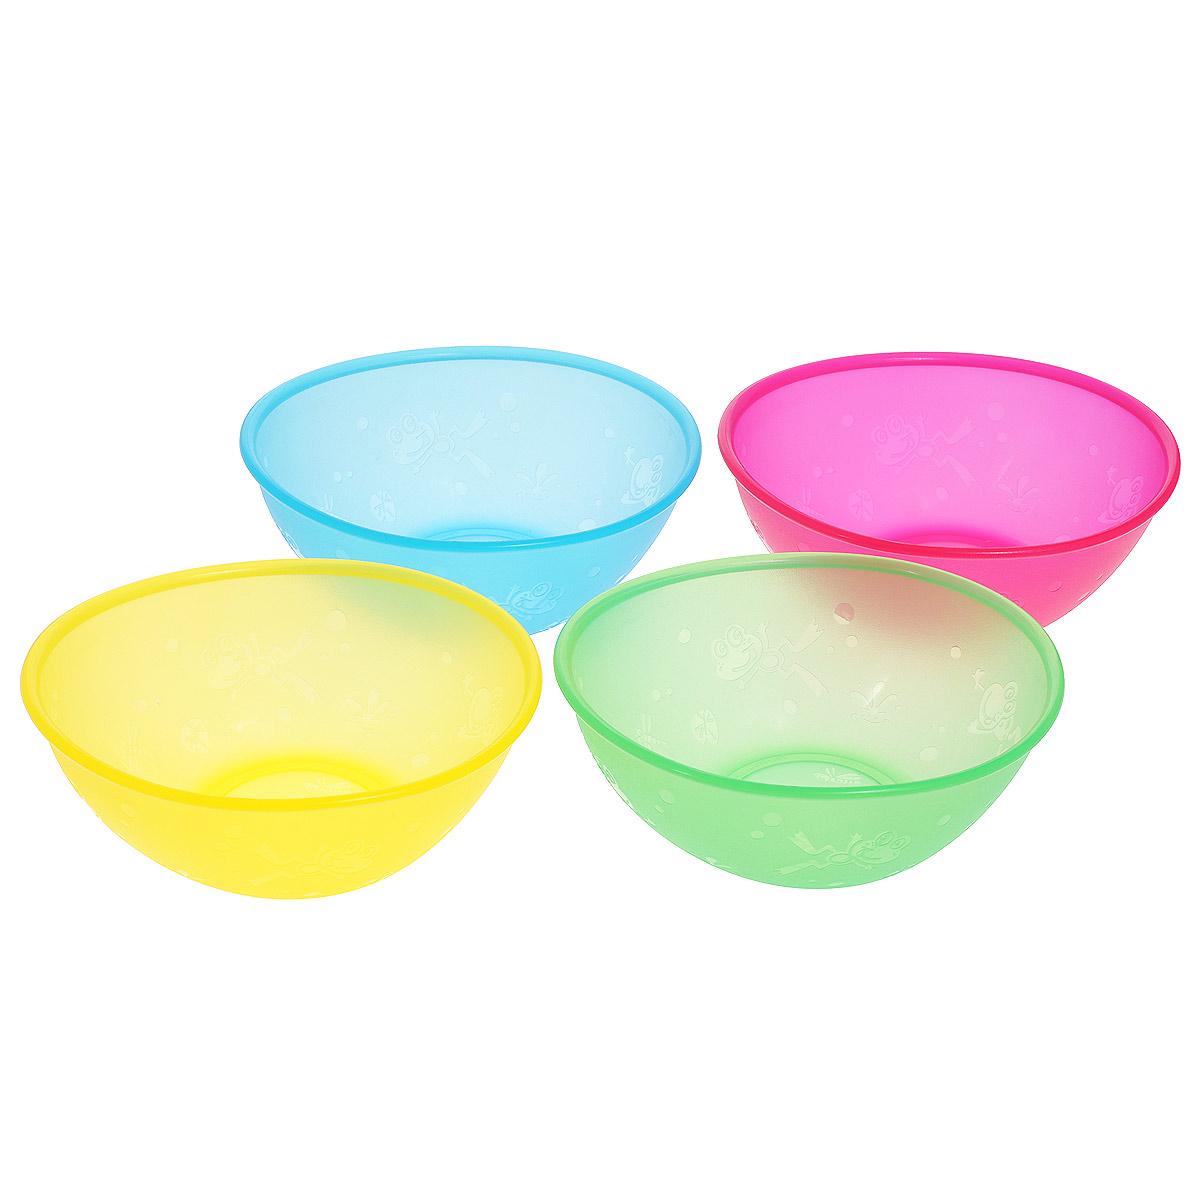 """Набор """"Nuby"""" включает 4 овальных разноцветных тарелки, изготовленных из высококачественного пищевого пластика (не содержит бисфенол А).   Внешние стенки оформлены рельефом в виде лягушат и стрекоз. Нескользящее покрытие придает тарелкам большую устойчивость.  Тарелки достаточно глубокие, они прекрасно подходят и для вторых блюд, и для супов, и для каш. Также подходят для кормления. Для детей с 6-ти   месяцев.  Разные цвета помогут создать праздник для вашего малыша. Можно использовать во время пикника.  Можно мыть в посудомоечной машине и ставить в СВЧ-печь.   Размер тарелки (ДхШхВ): 12 см х 14 см х 5,5 см."""